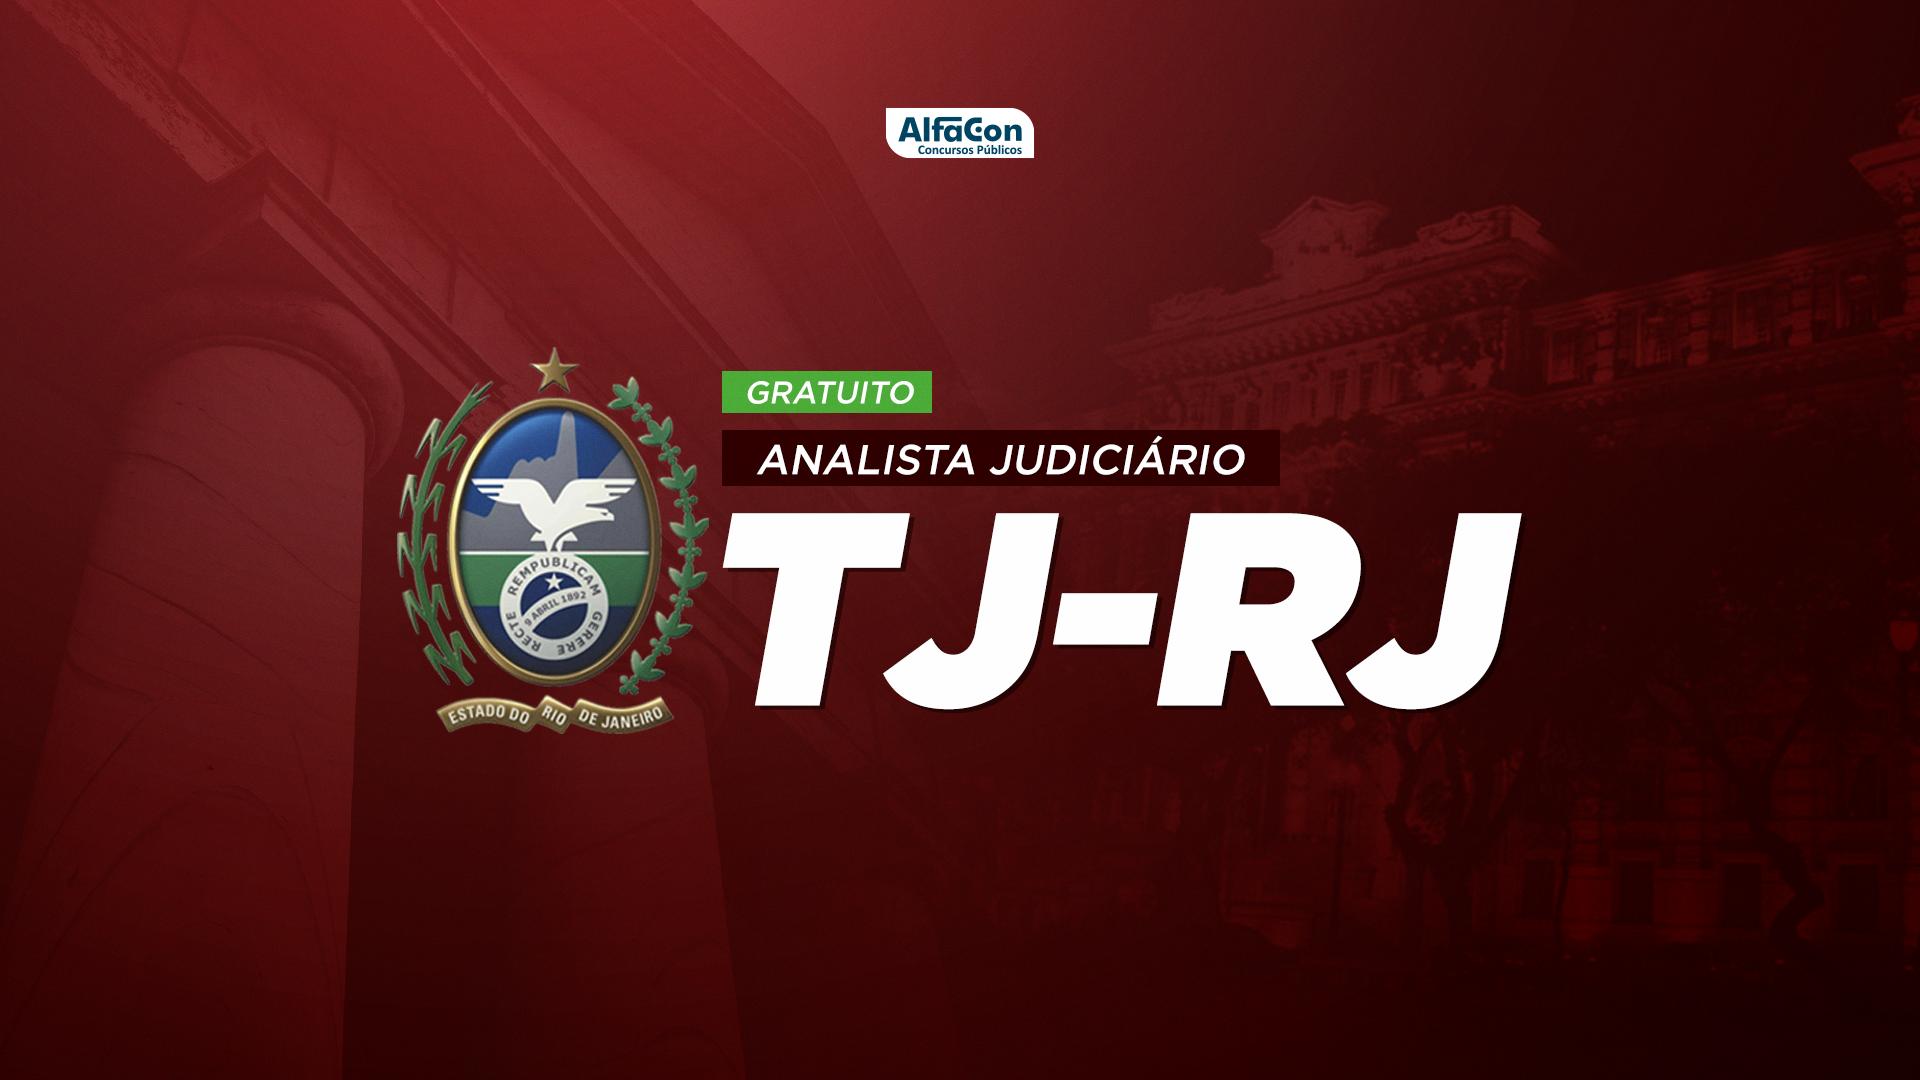 TJ RJ - Analista Judiciário - Gratuito